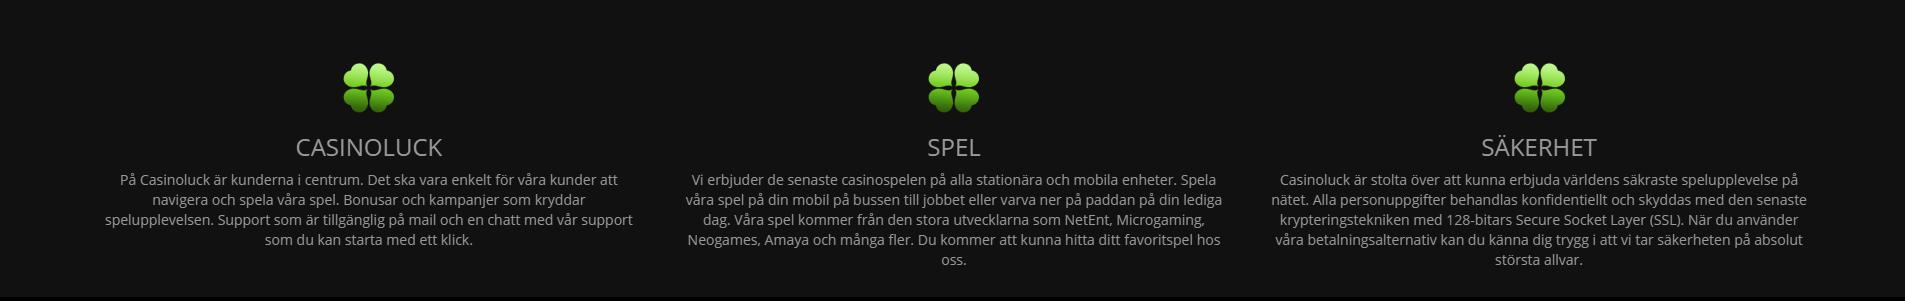 Casinoluck Intro